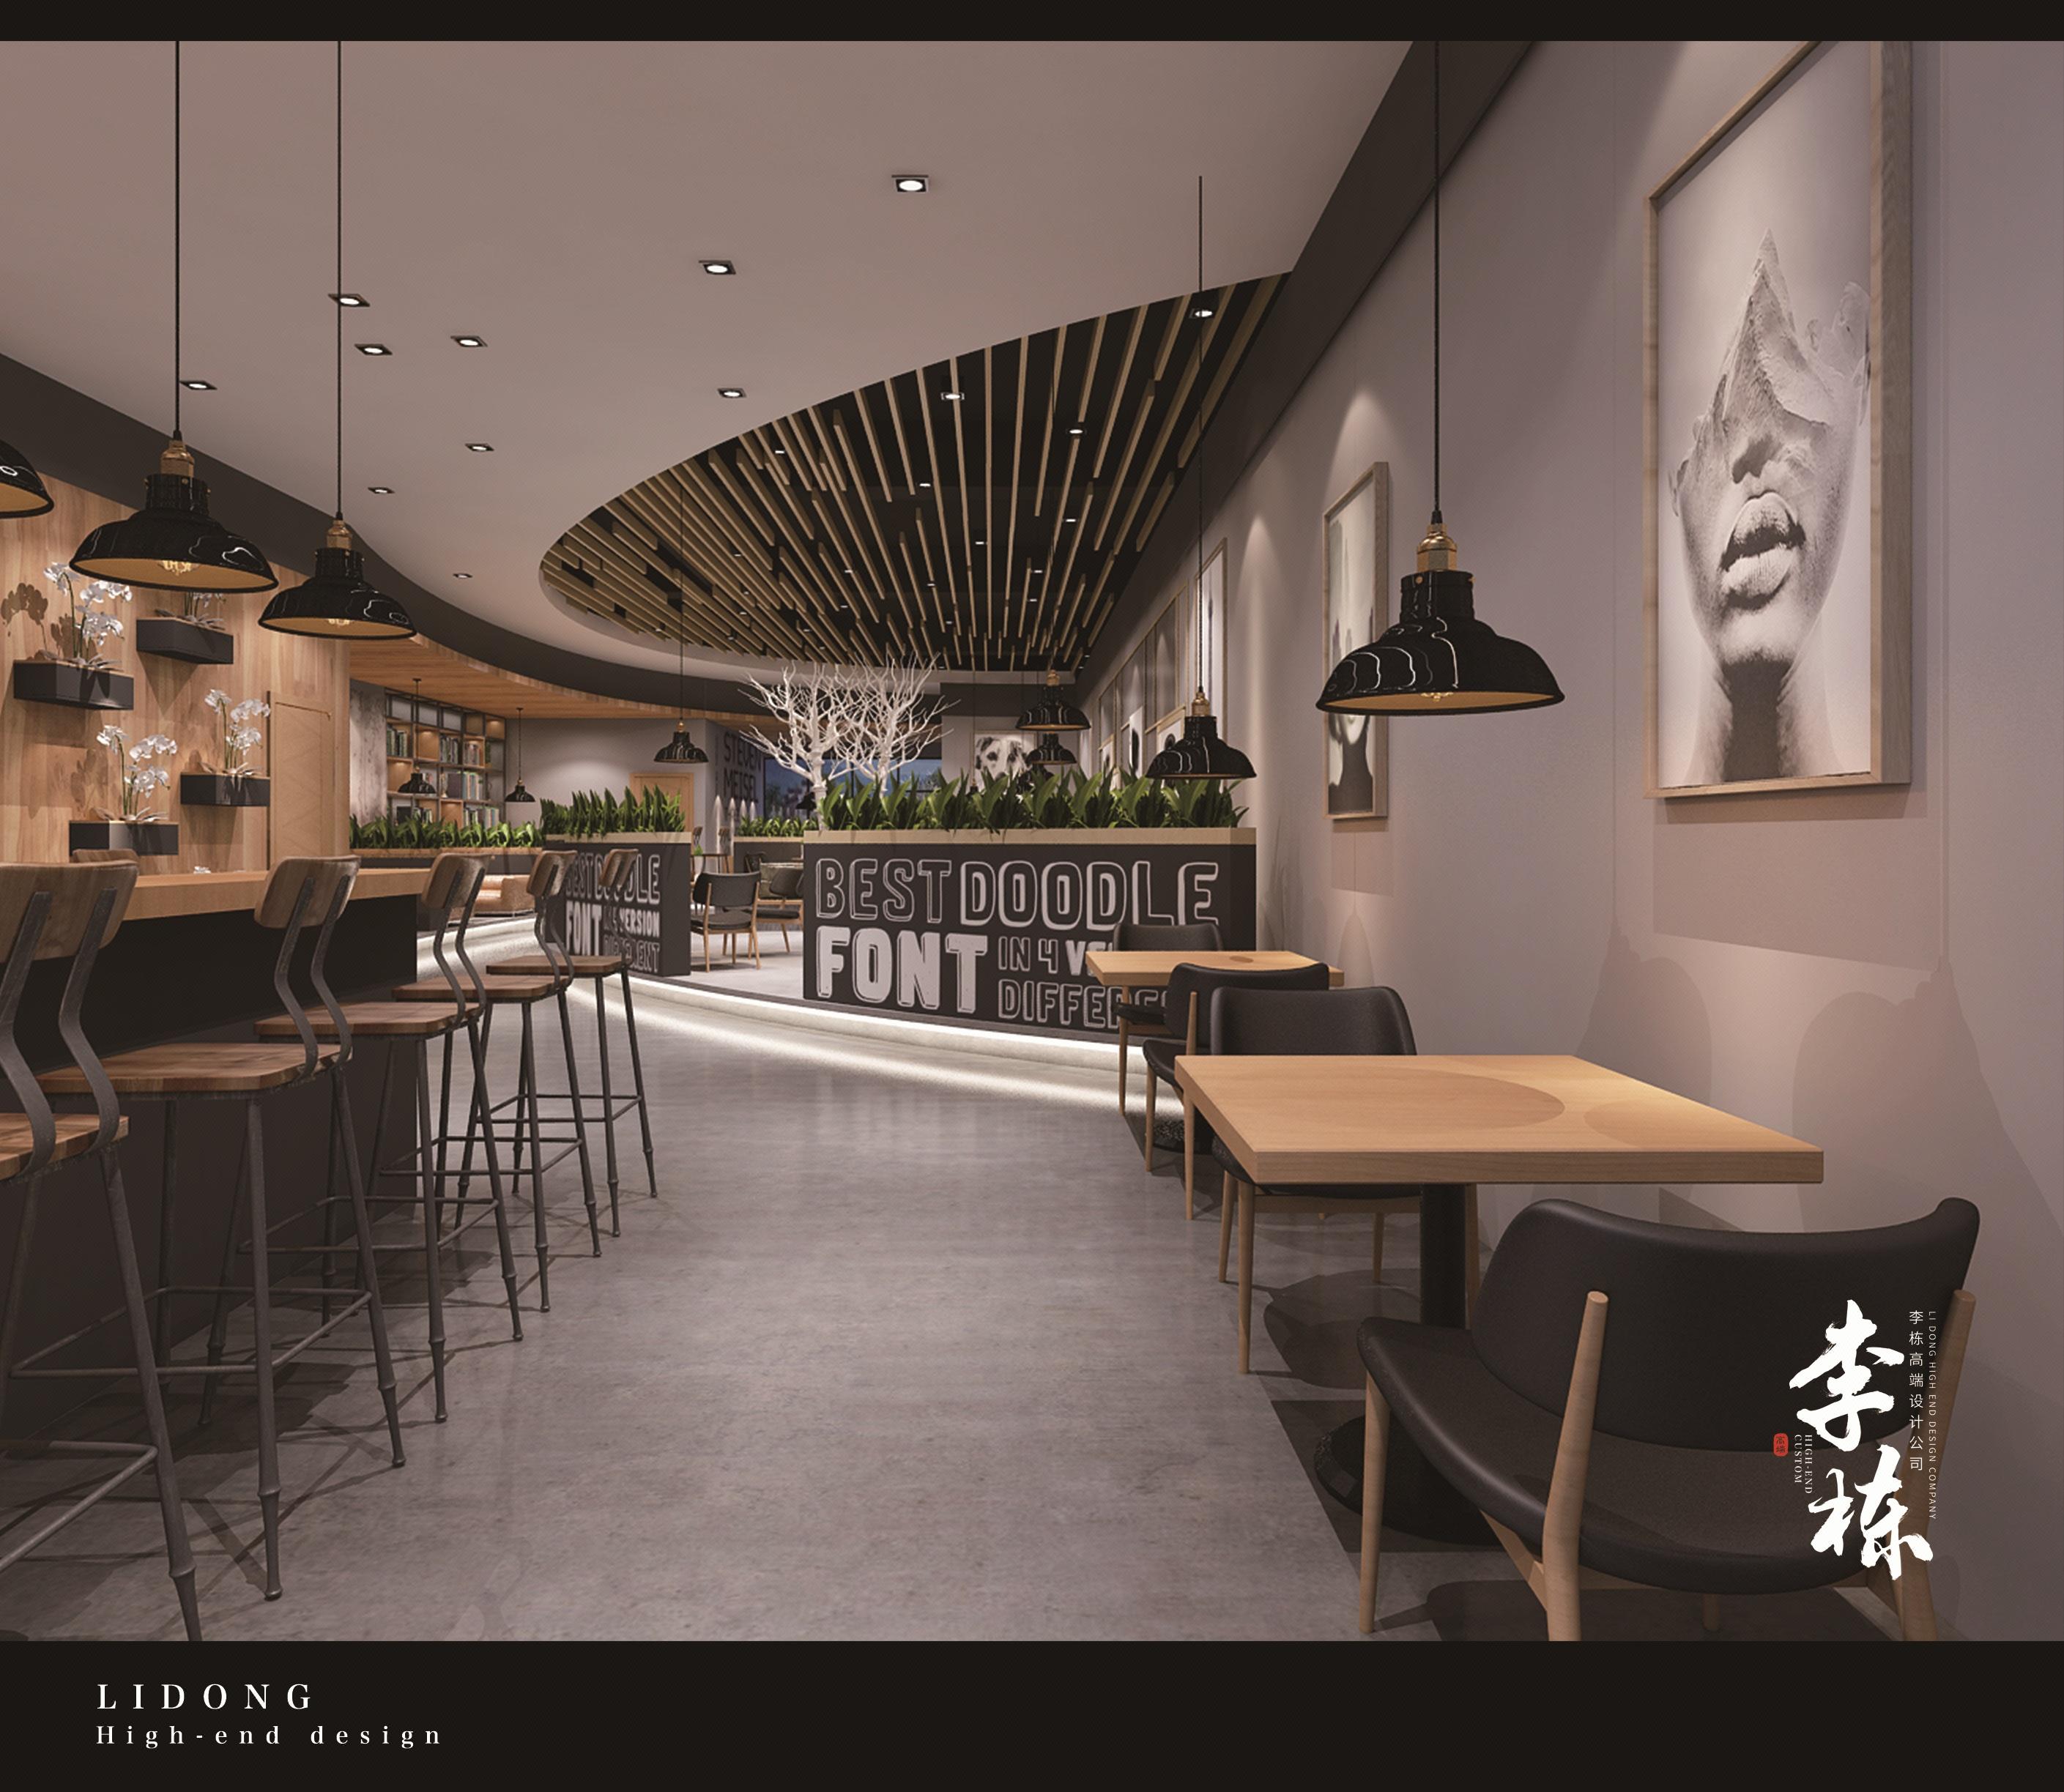 【李栋】 店铺si设计.咖啡厅水吧奶茶店铺设计主题餐厅设计